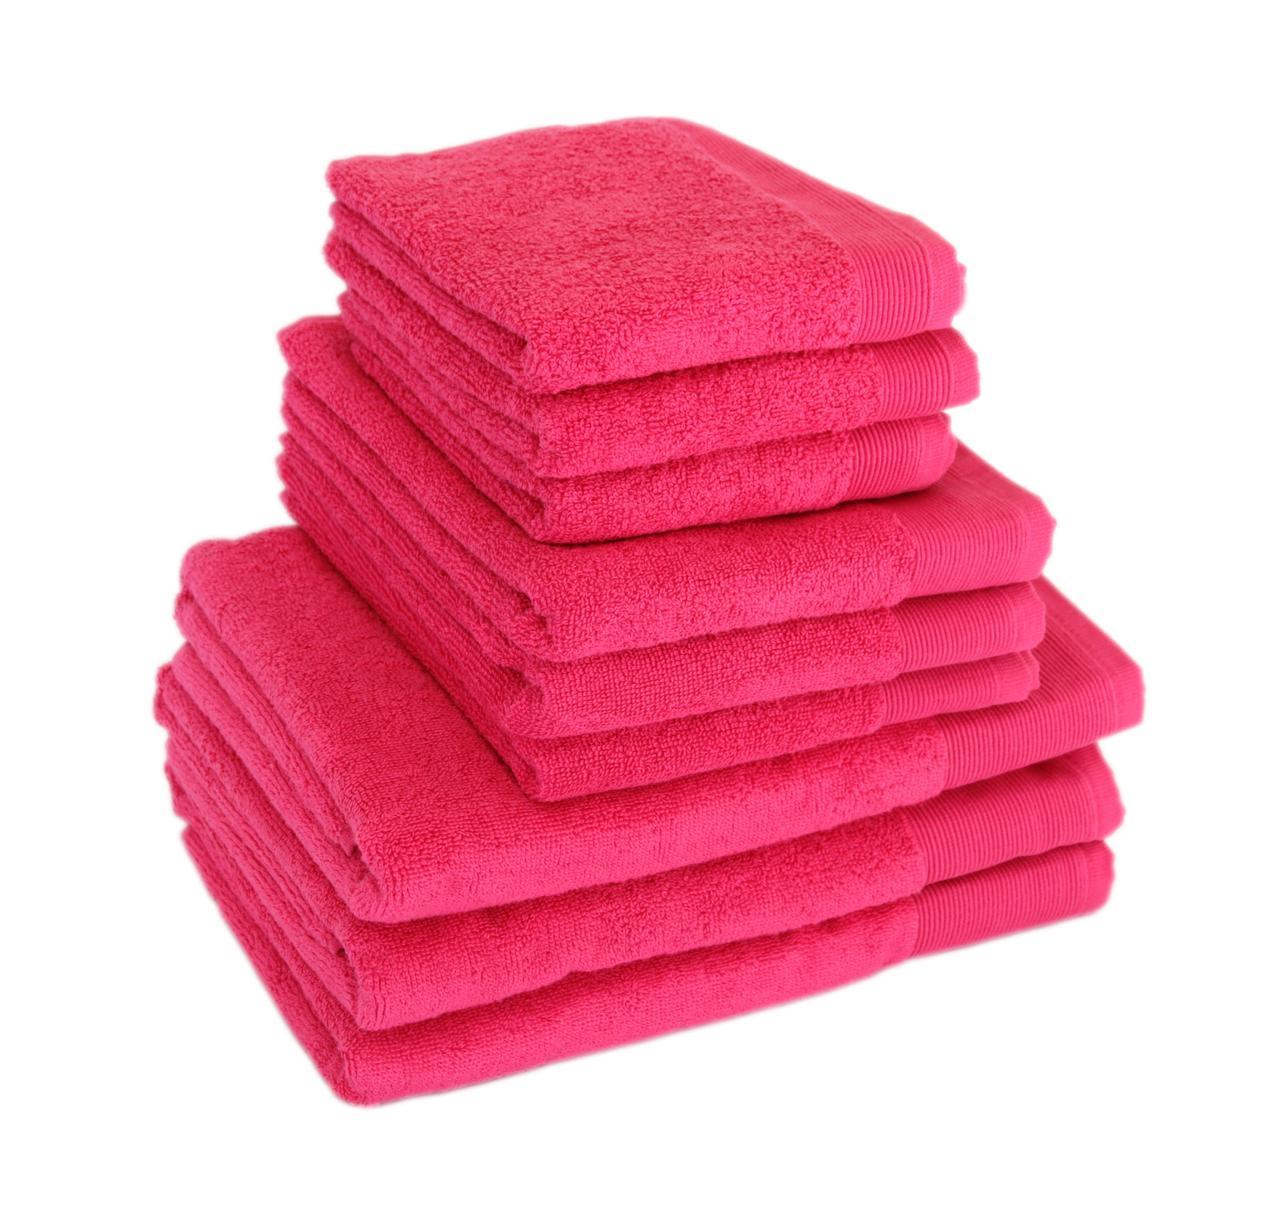 Полотенце махровое, разные цвета Terry Lux Style 500 (70*140 / плотность 500 г/м.кв.)